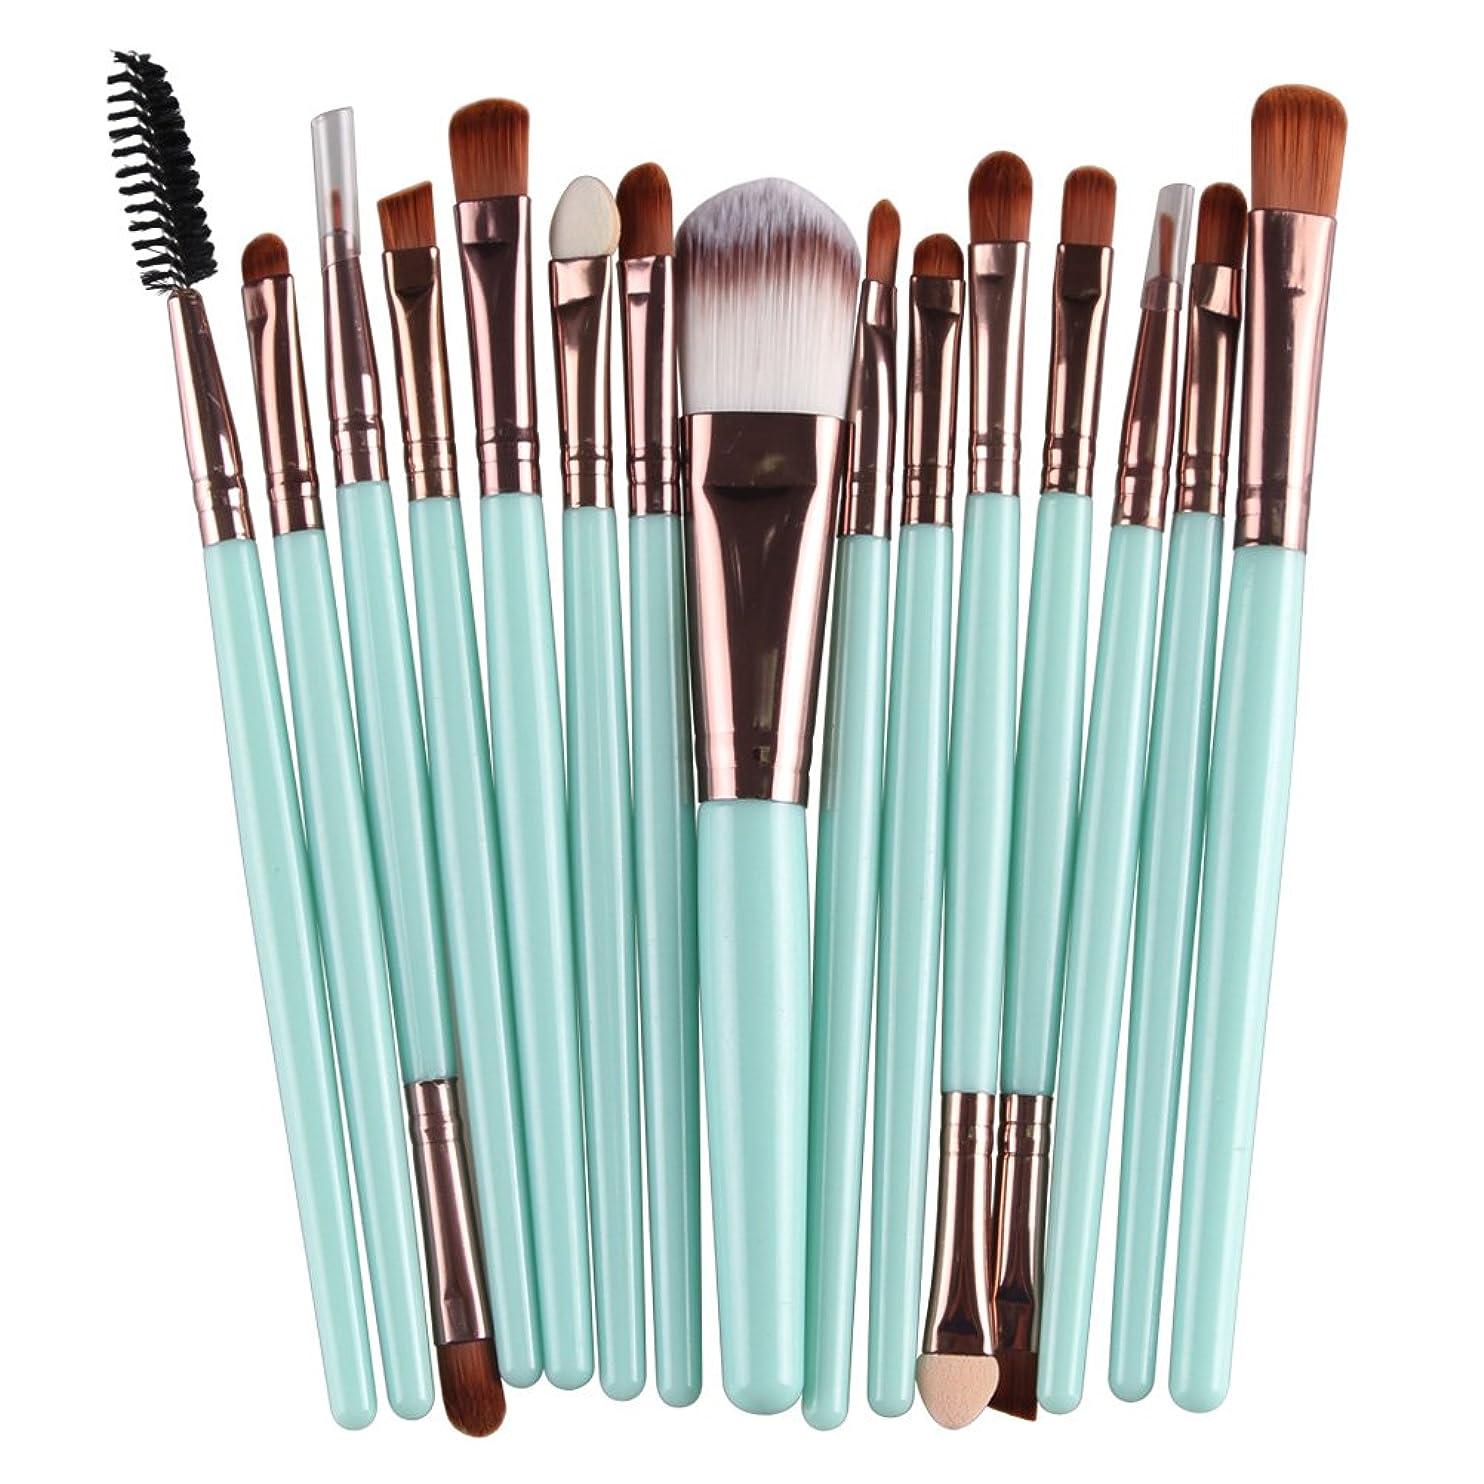 ちなみにビル病気だと思うProfessional Pro 15 Pcs/Sets Eye Shadow Foundation Eyebrow Lip Brush Makeup Brushes Cosmetic Tool Make Up Eye Brushes Set